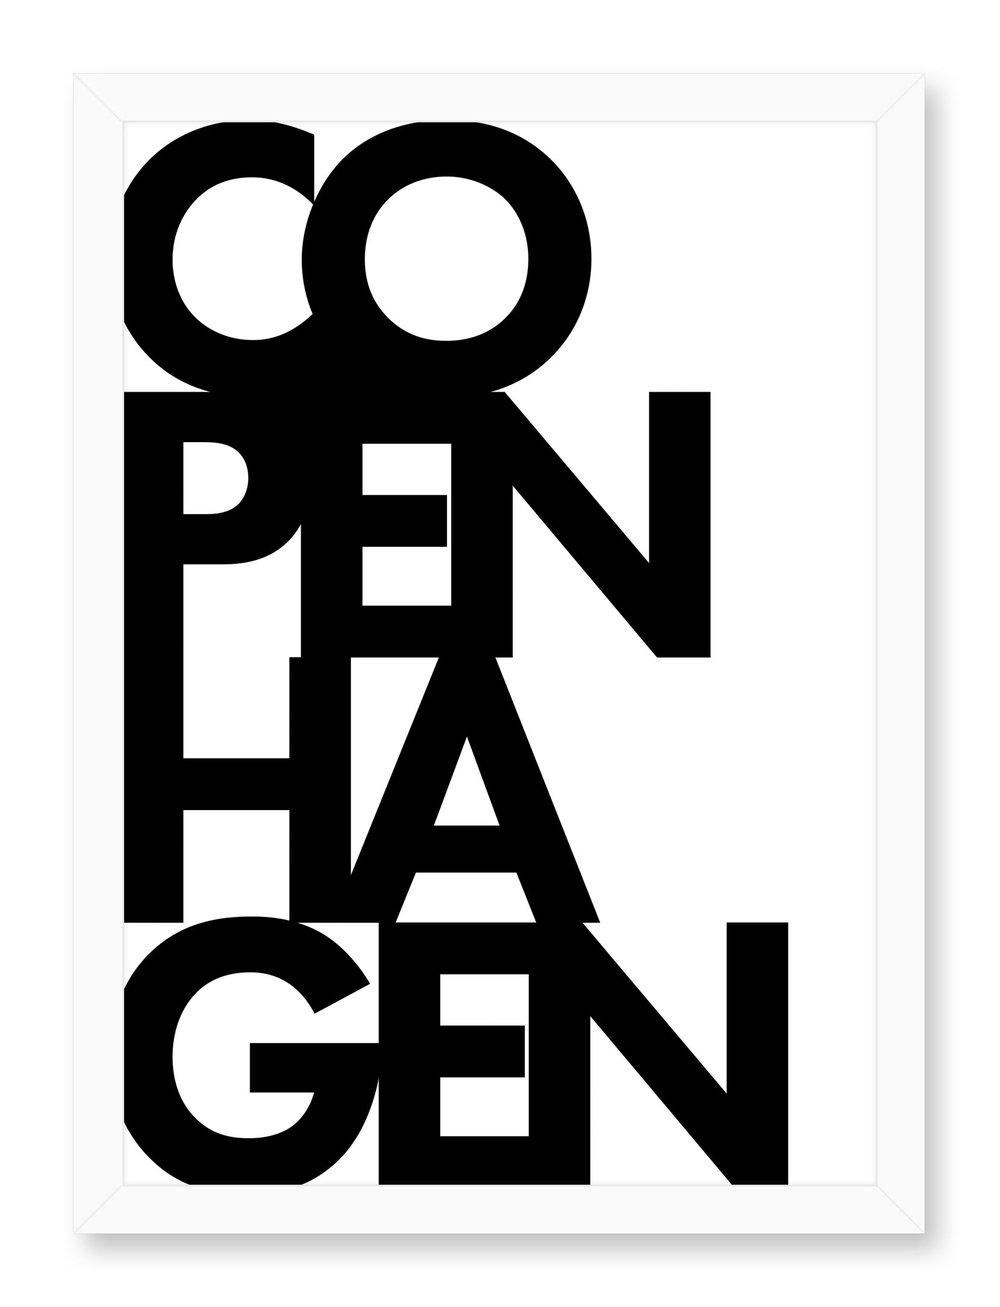 copenhagen_black_white.jpg